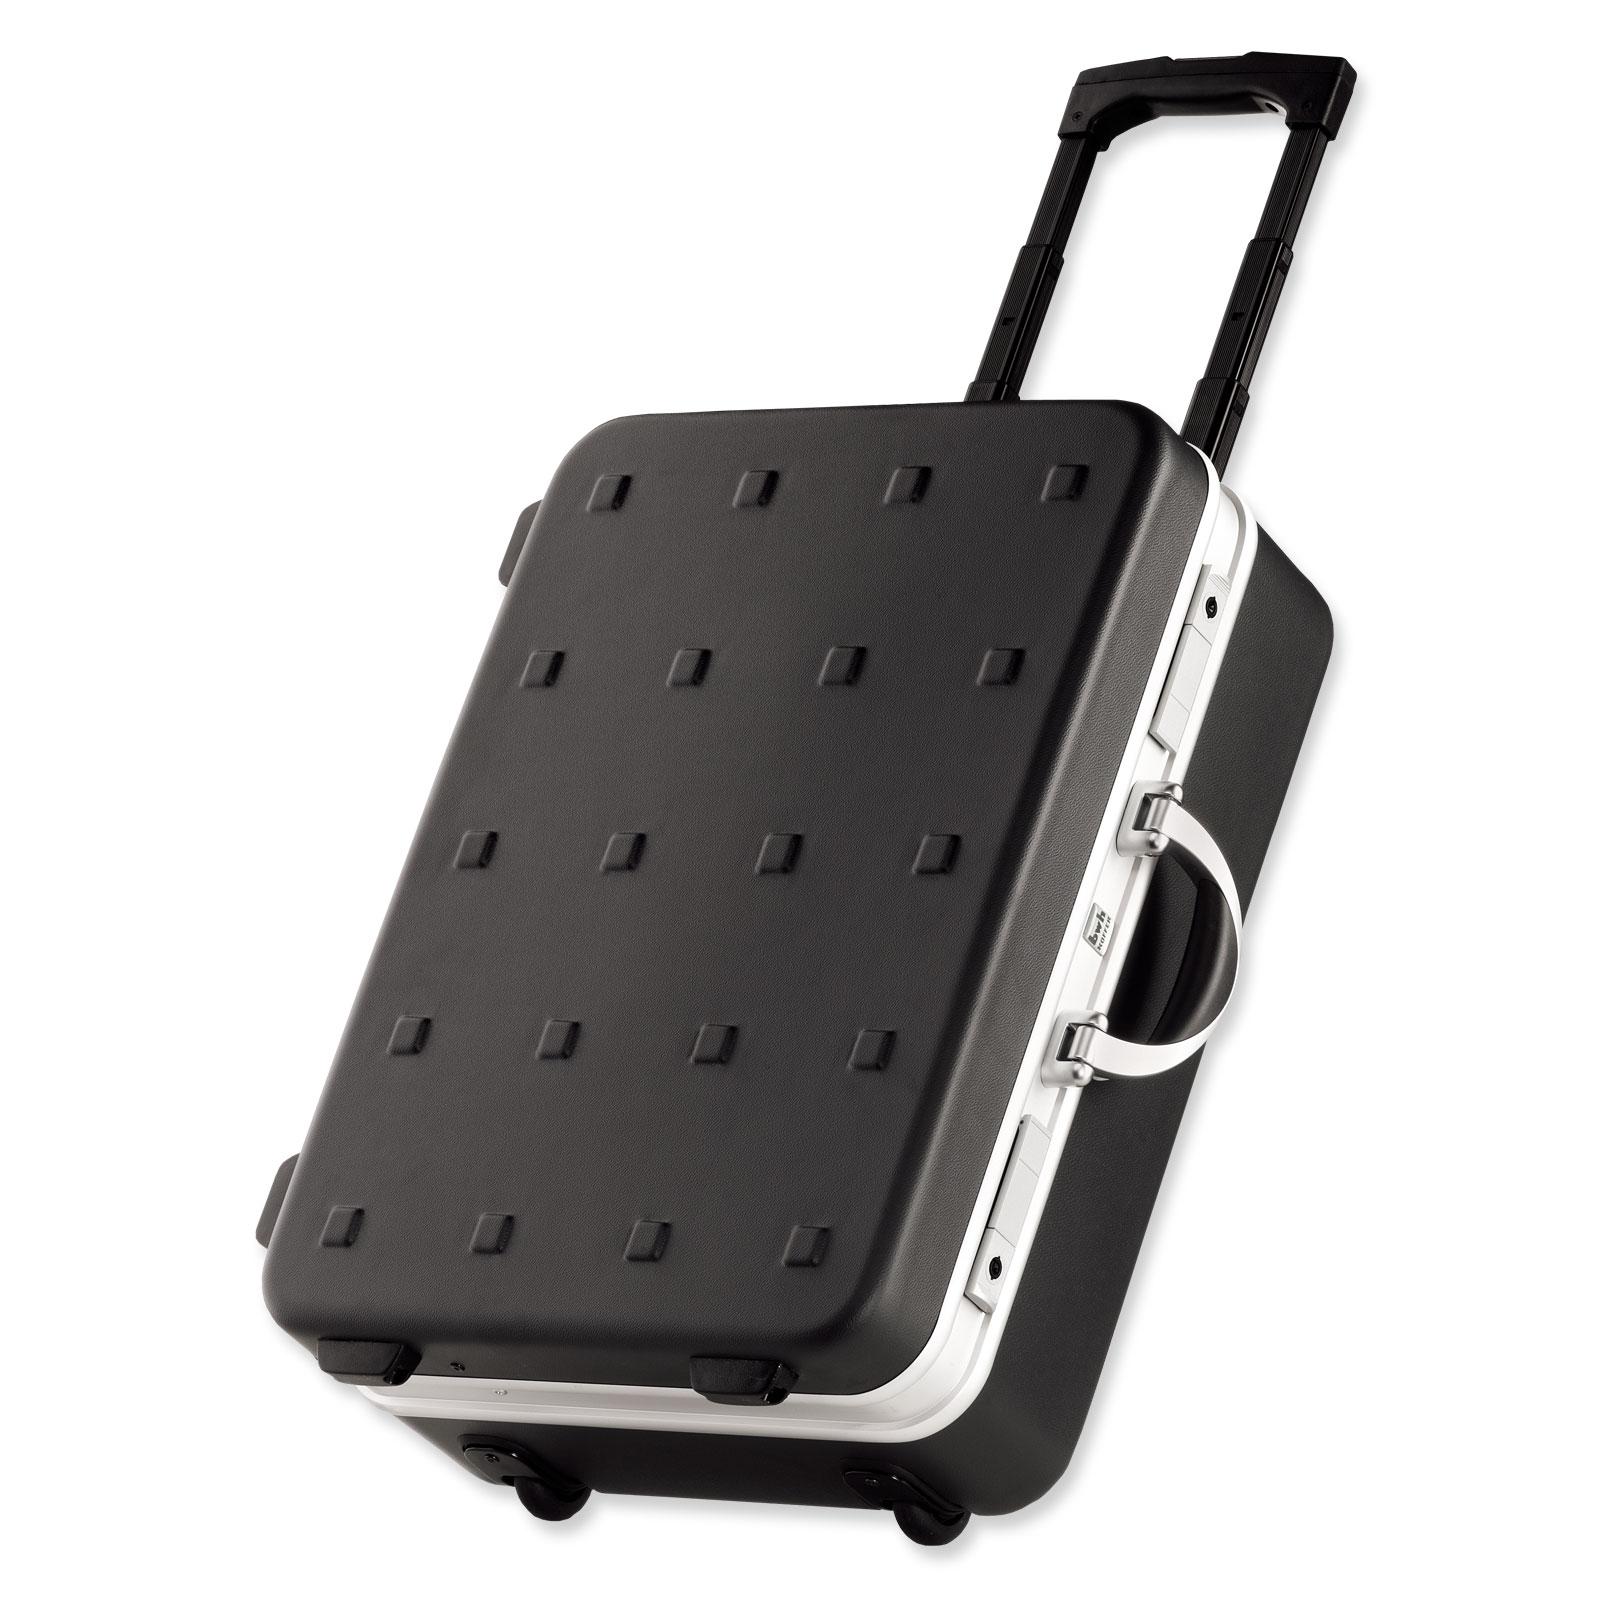 bwh Koffer Mobil-Boardcase 2 Rollen 91710